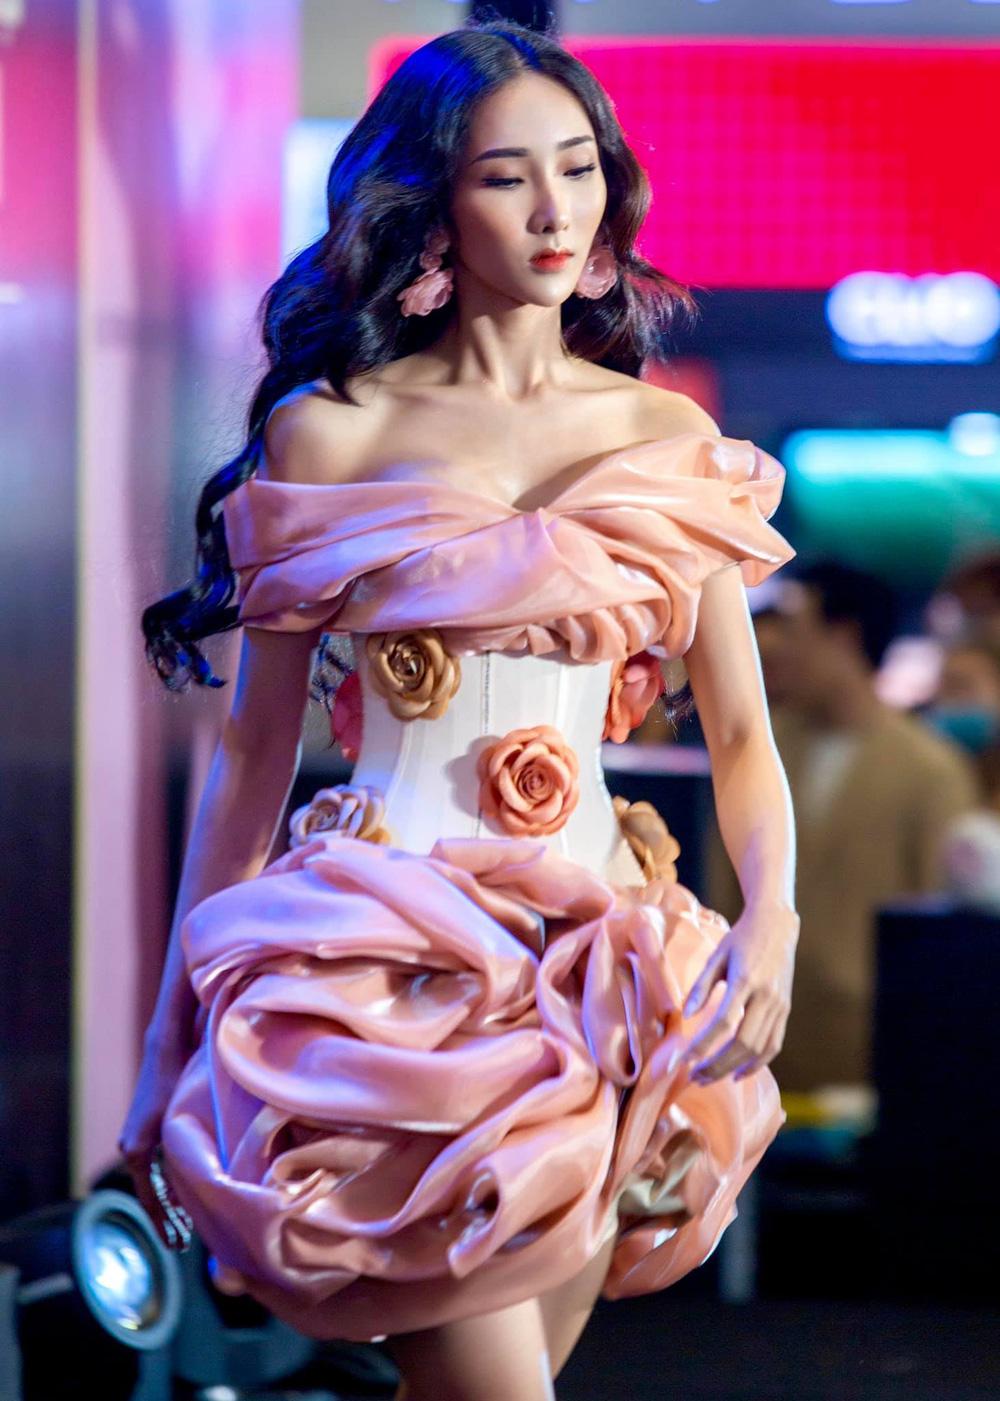 Nữ người mẫu cao 1m74 chỉ nặng 43kg vẫn rất gợi cảm - Ảnh 2.